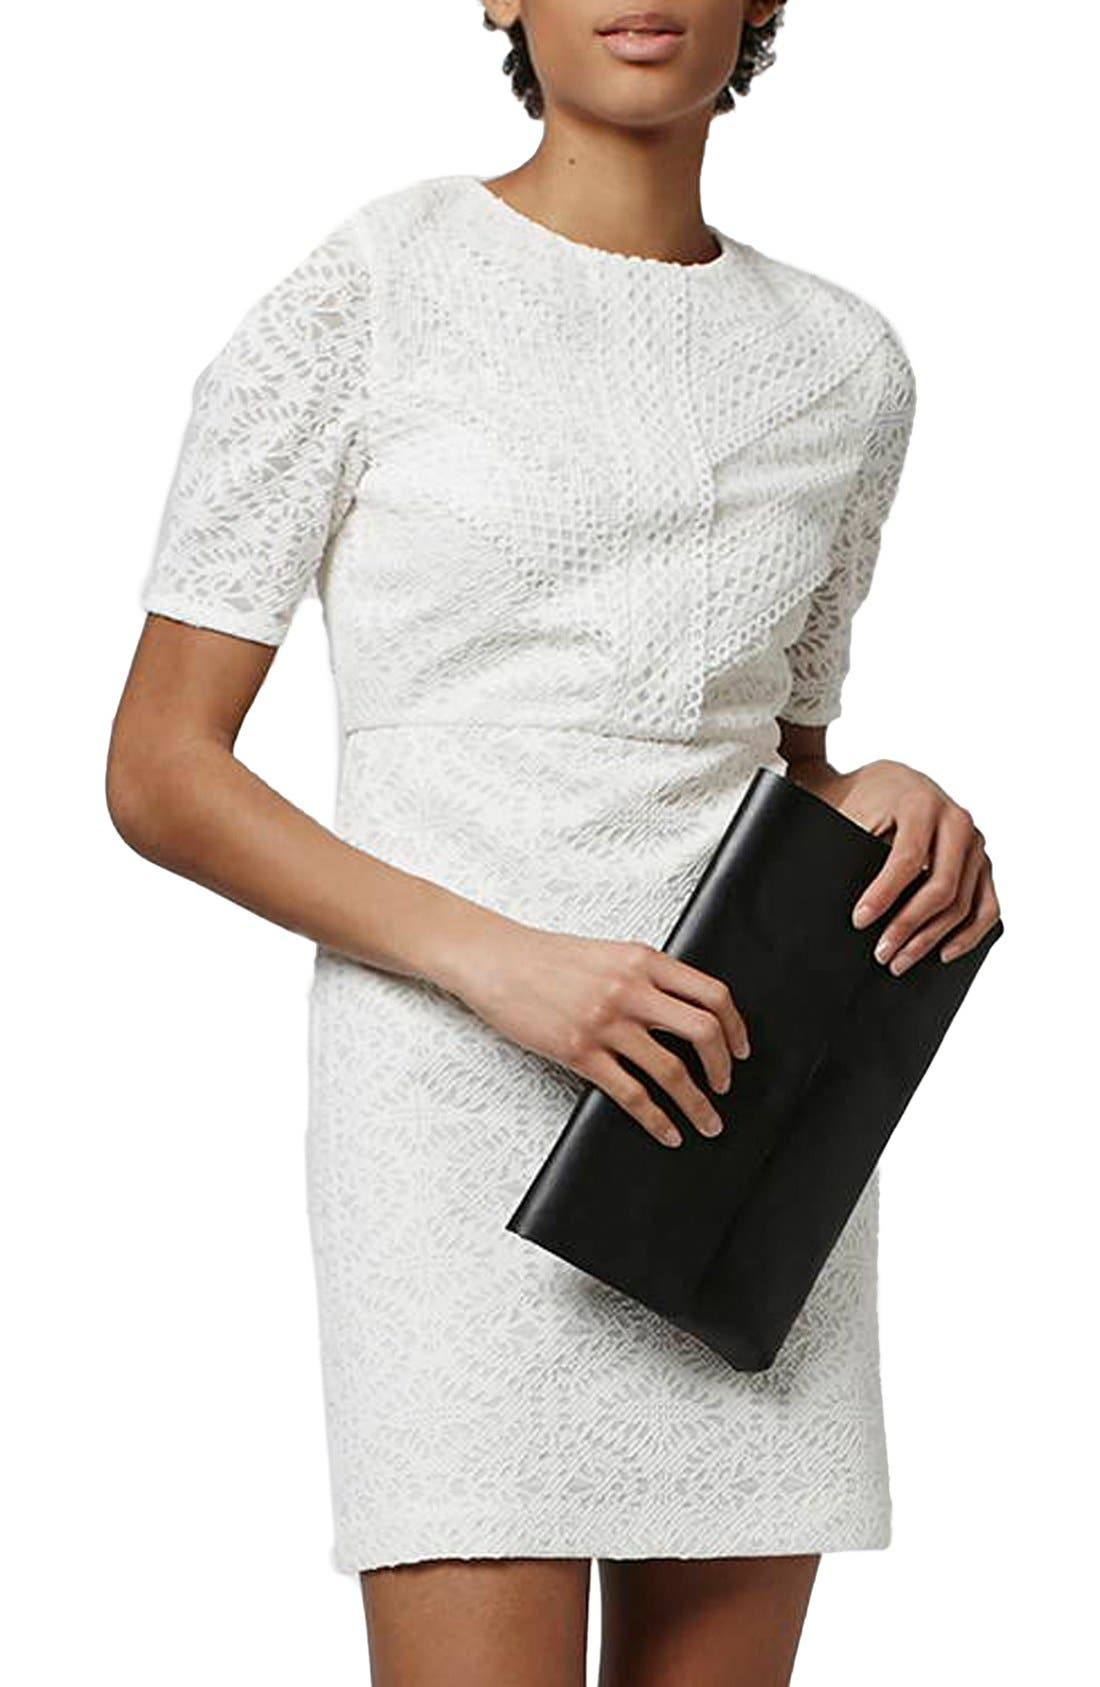 TOPSHOP,                             Laser Cut Lace Shift Dress,                             Alternate thumbnail 3, color,                             900